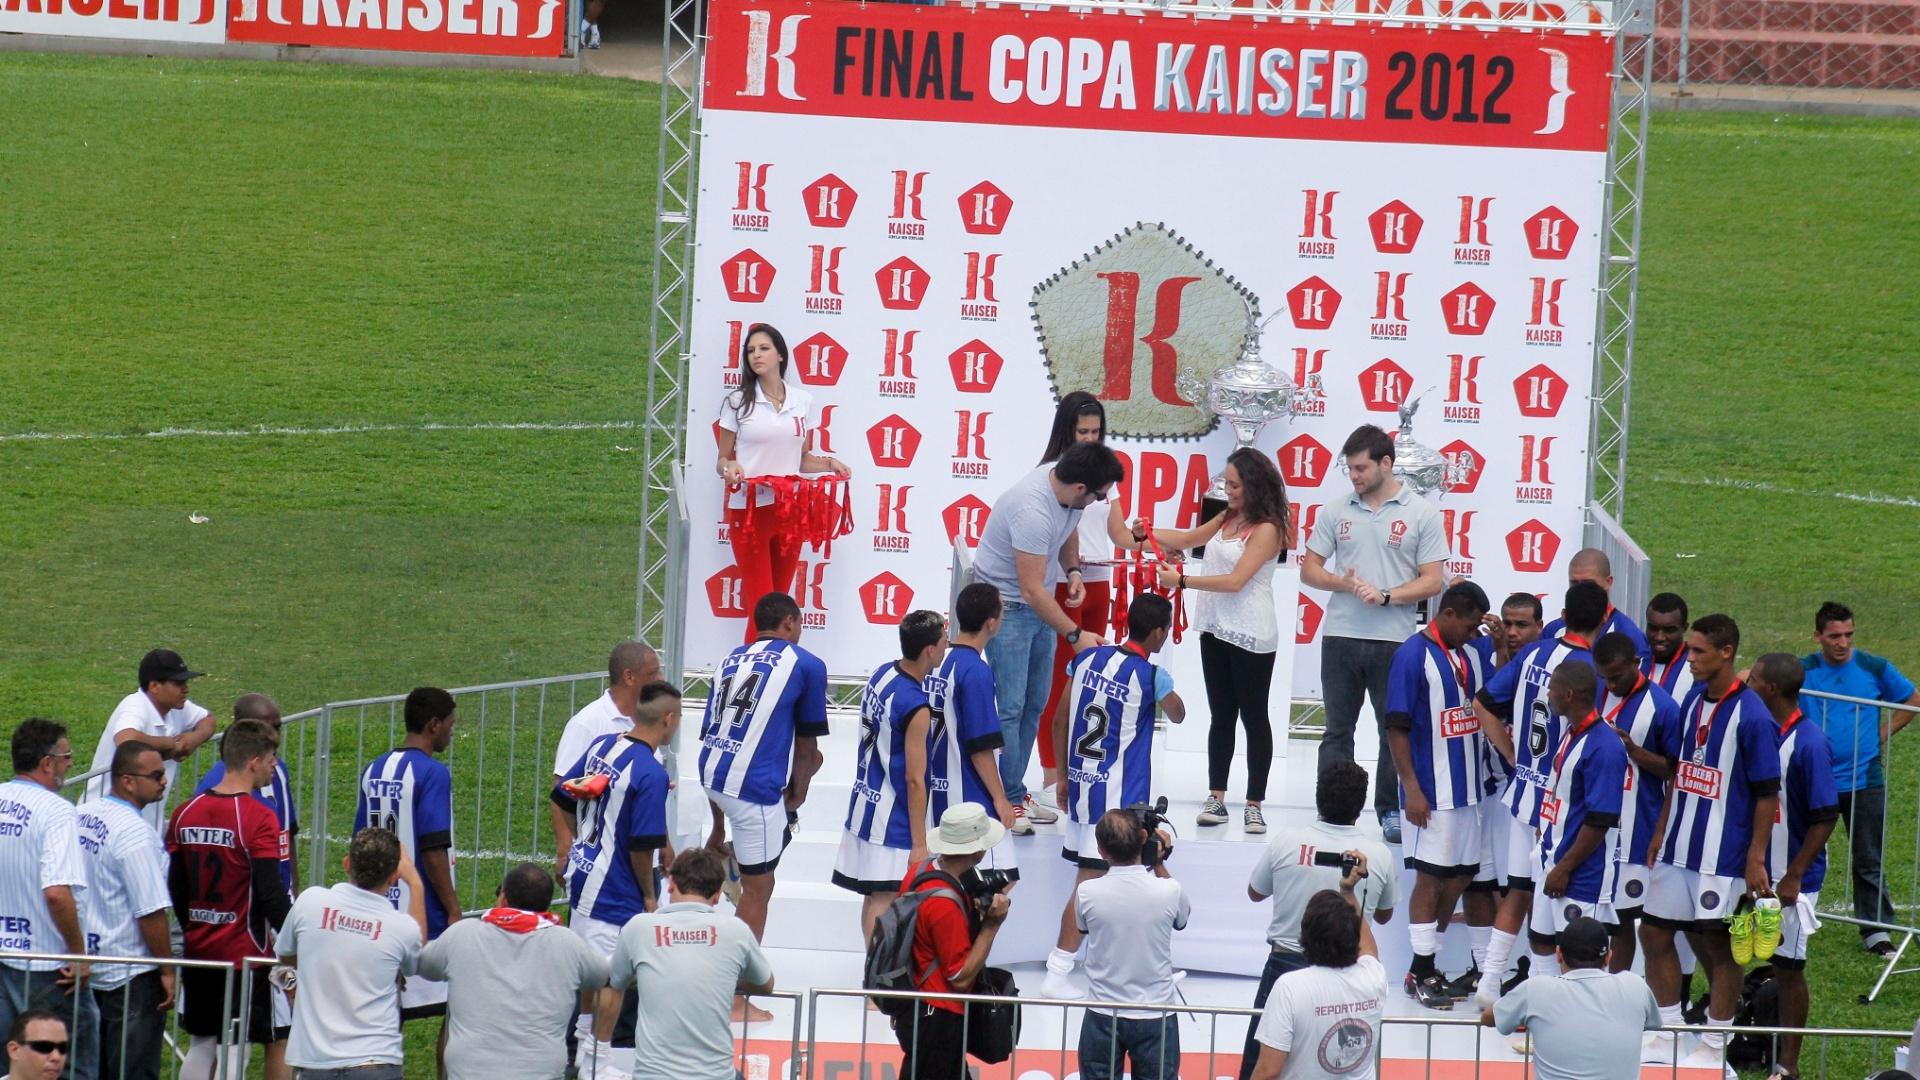 Jogadores do Inter recebem a premiação de vice-campeão após perderem nos pênaltis por 4 a 3 na final série B da Copa Kaiser 2012